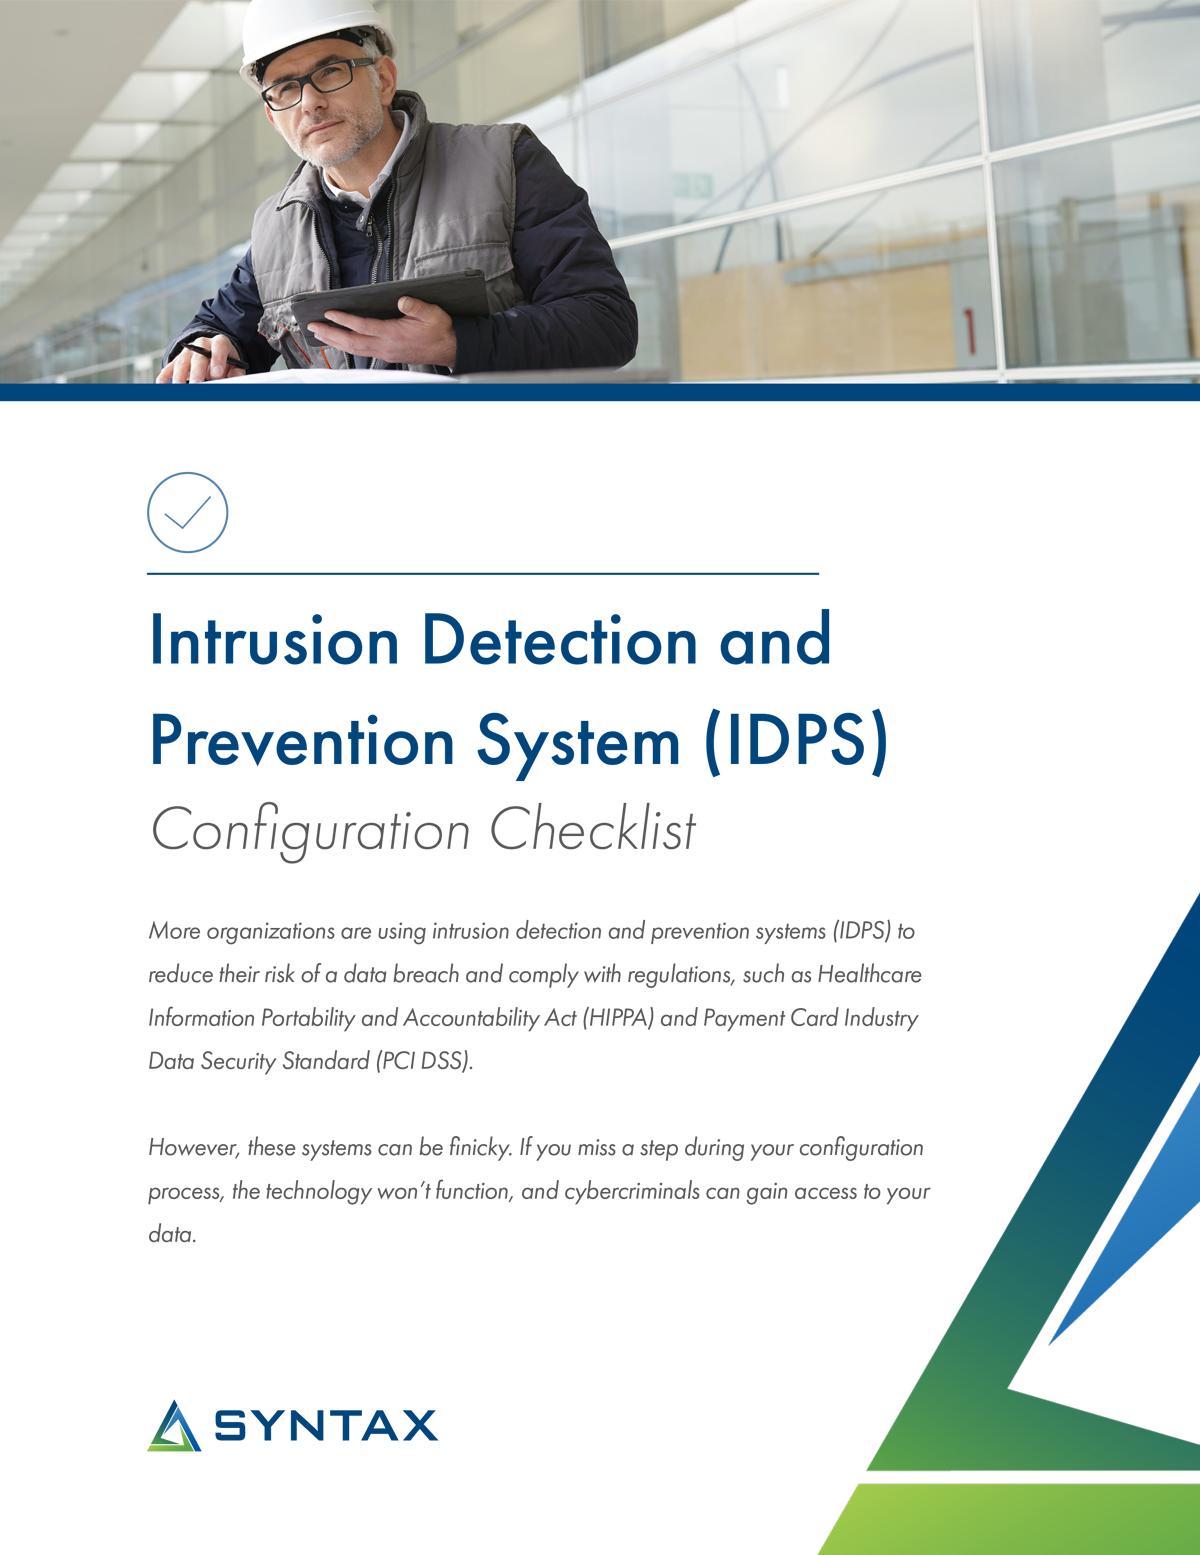 idps-checklist-cover-gfx